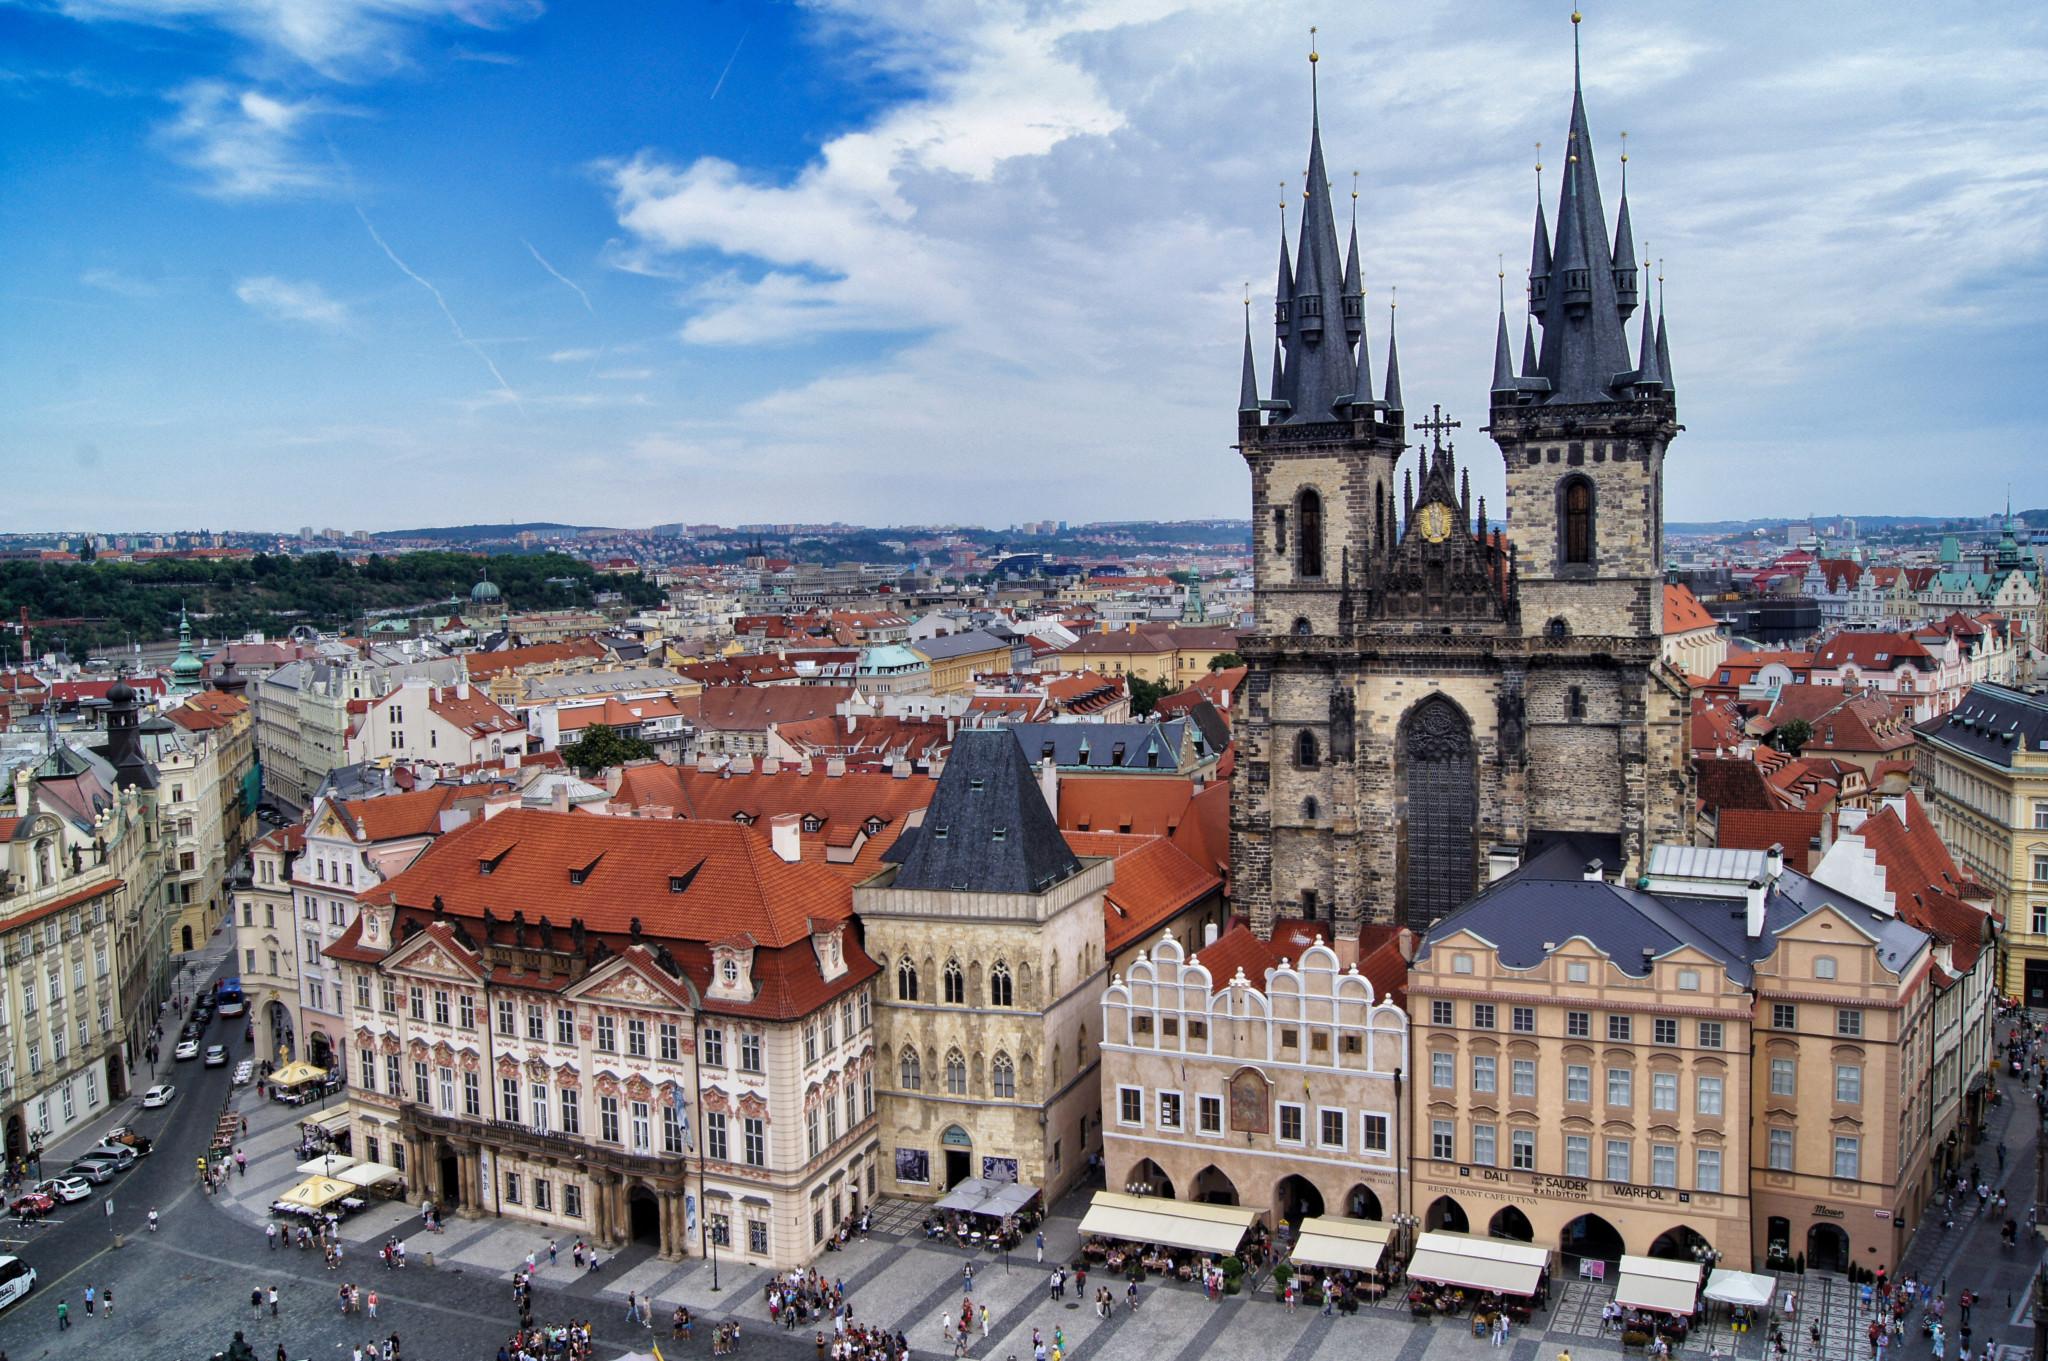 Ausblick auf die Altstadt von Prag mit Sehenswürdigkeiten